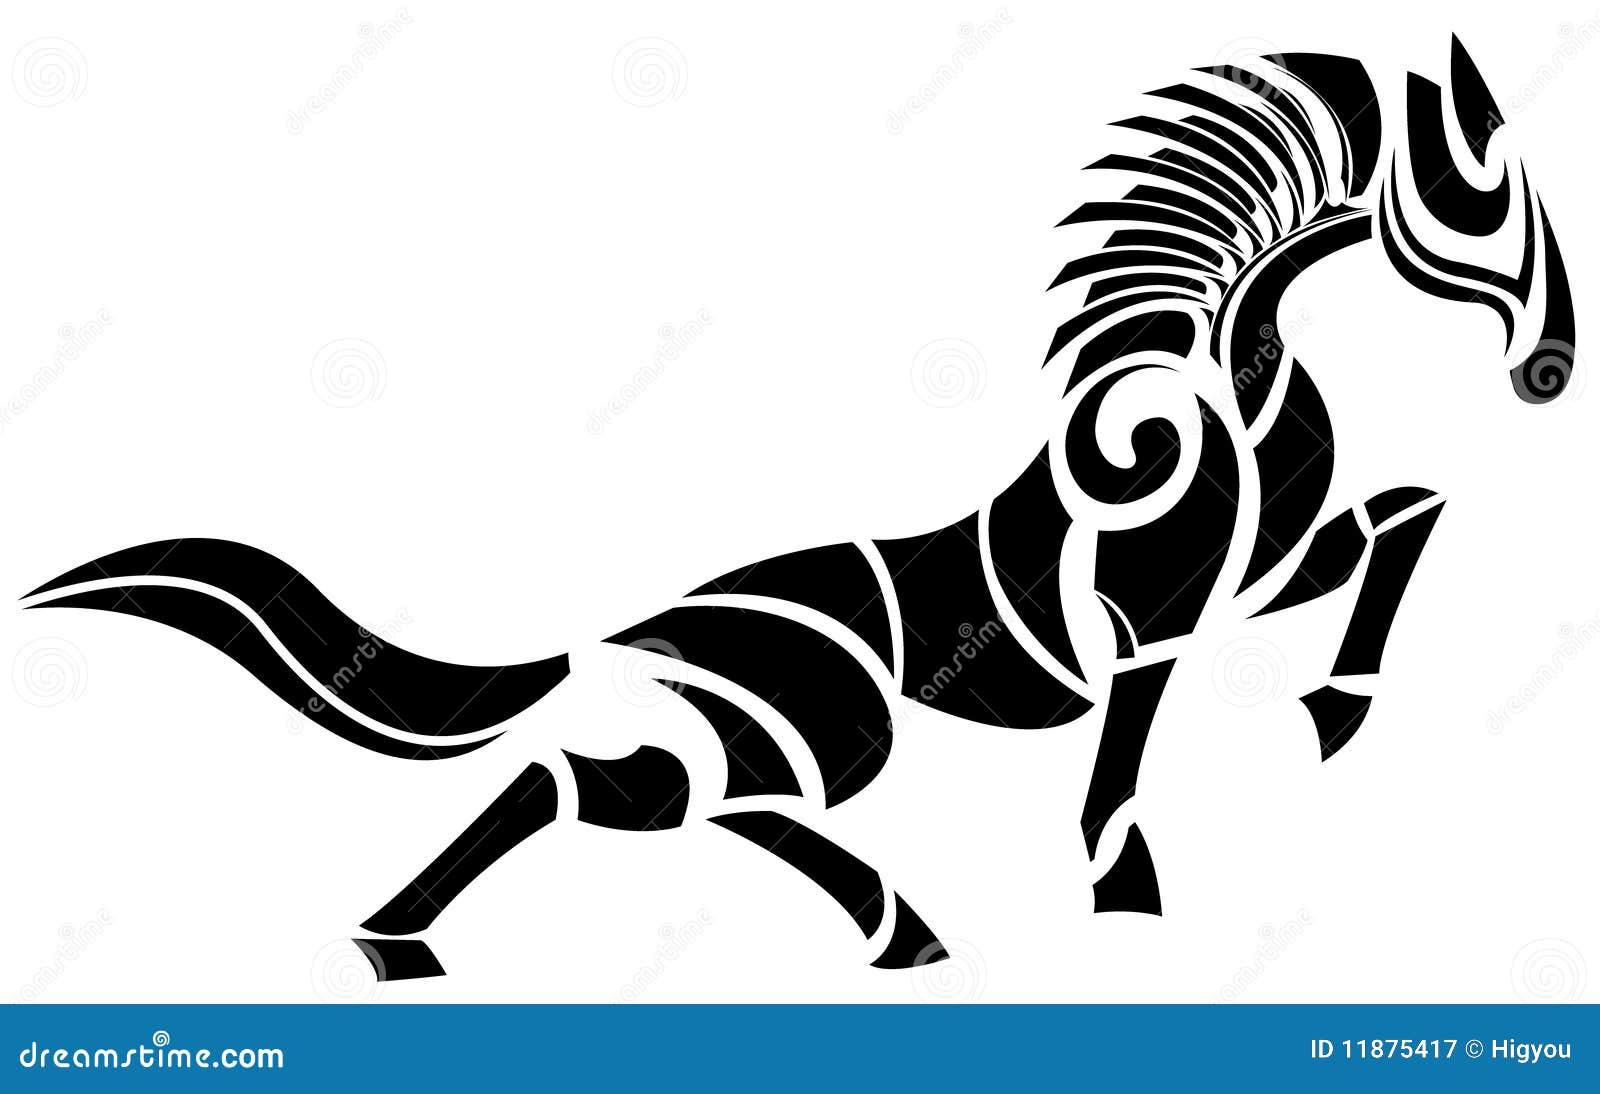 Cavallo Stilizzato Fotografia Stock Libera Da Diritti